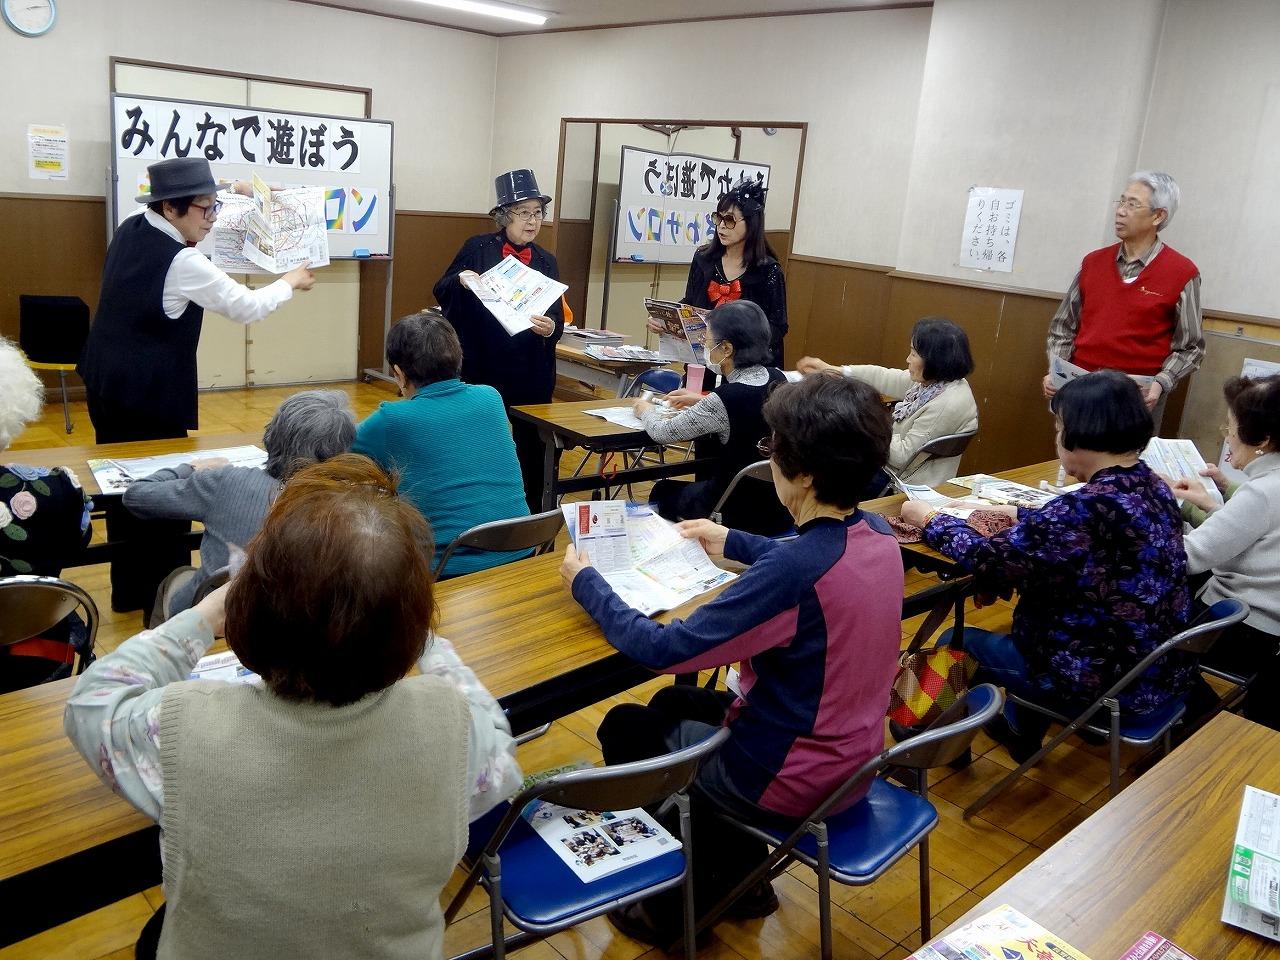 96-5kitazawasalon